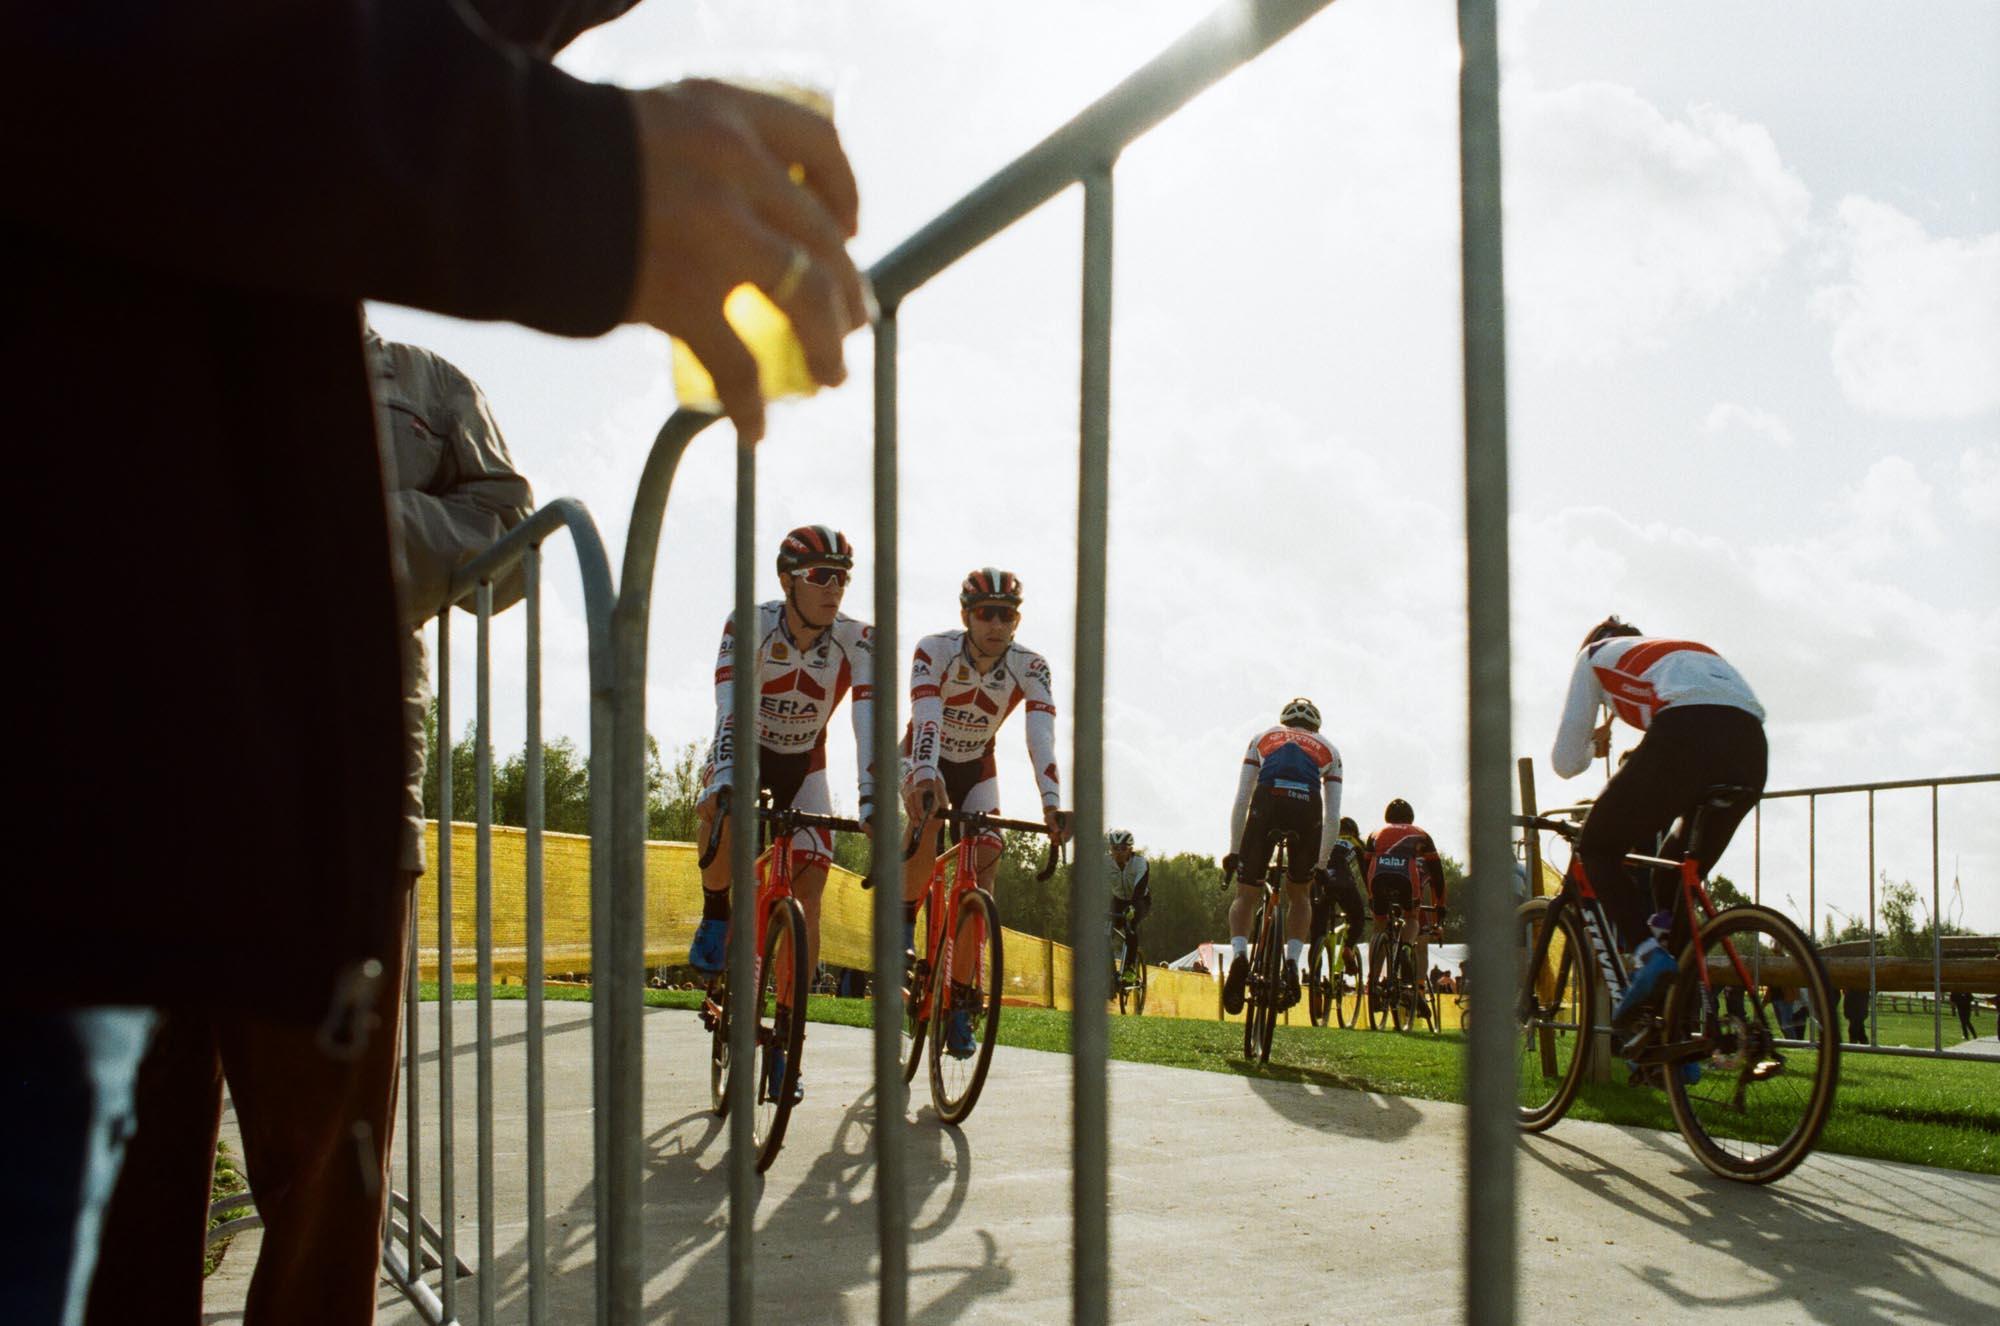 met helmets cyclocross era circus 000469090009